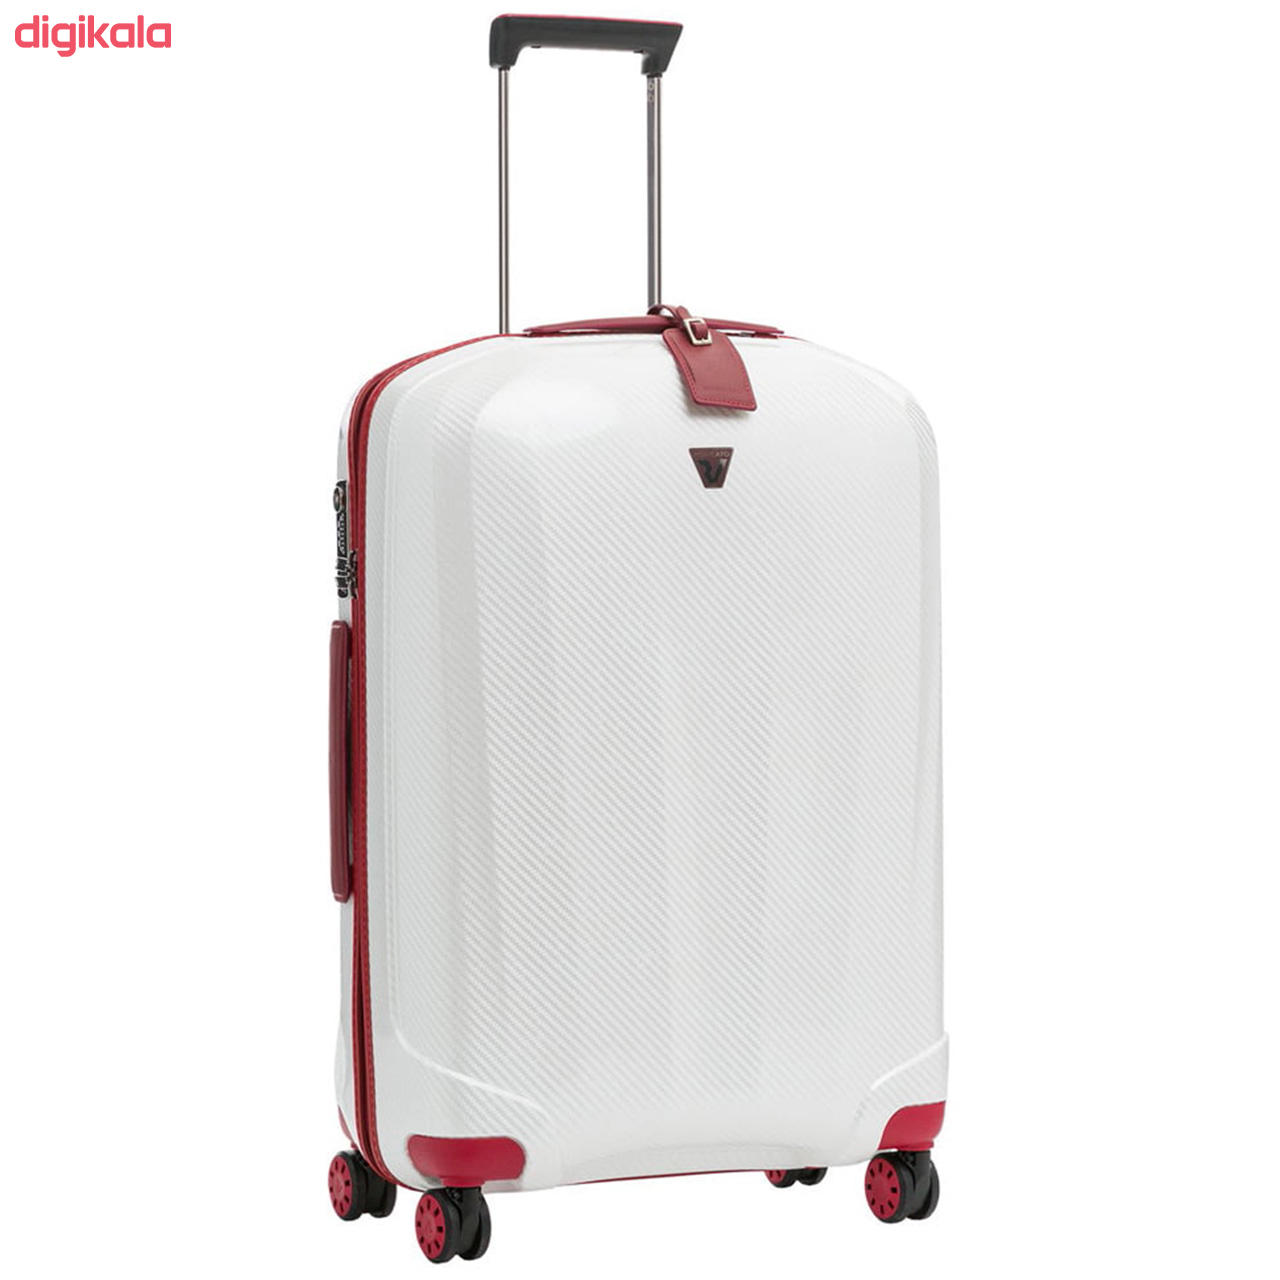 مجموعه سه عددی چمدان رونکاتو مدل 5950 main 1 5